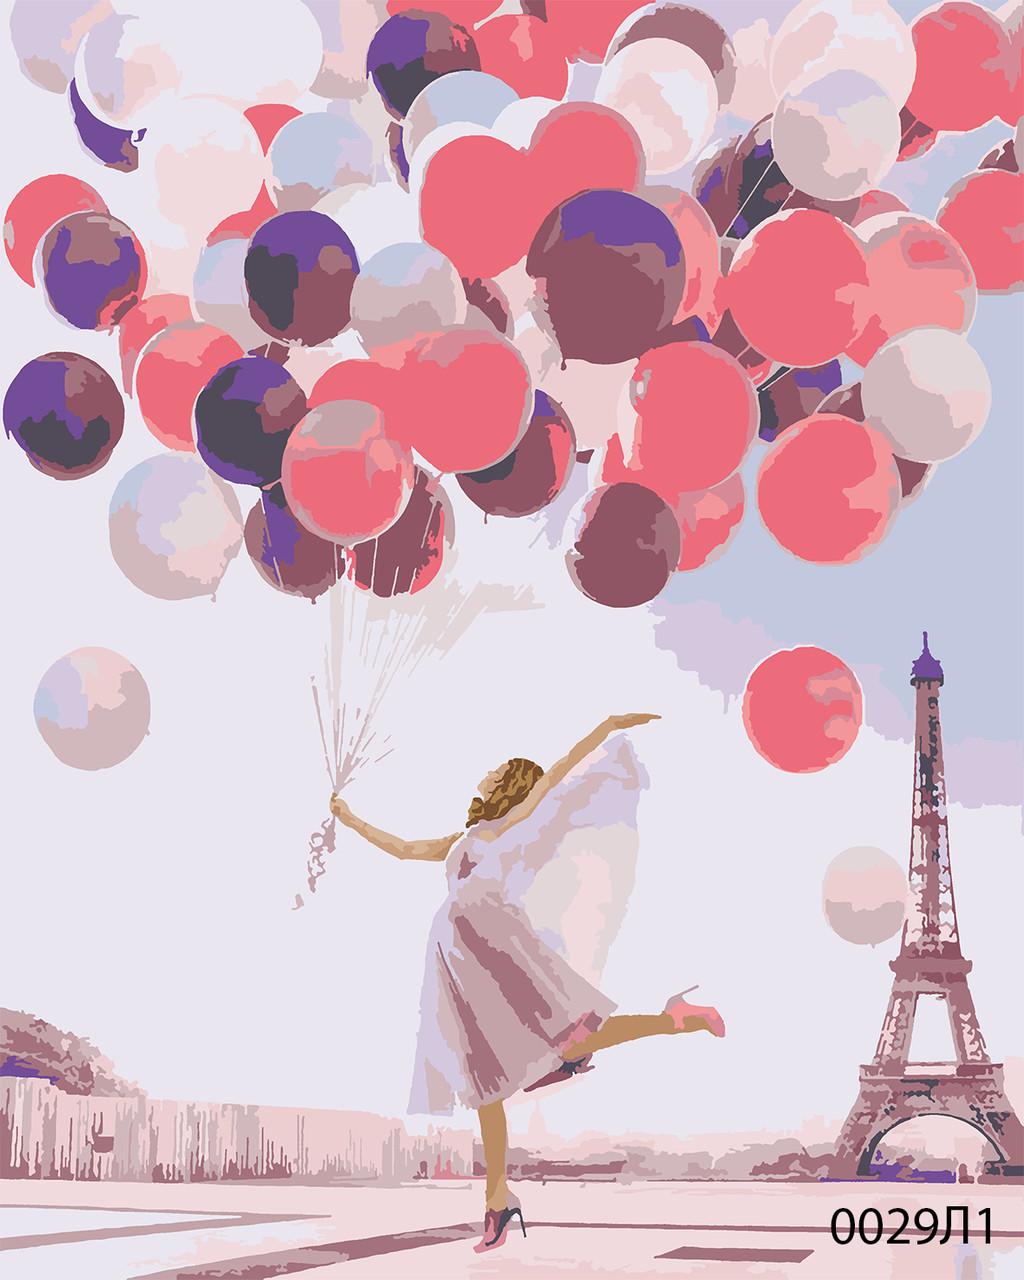 Картина по номерам Париж, девушка с шариками, цветной холст, 40*50 см, без коробки Barvi